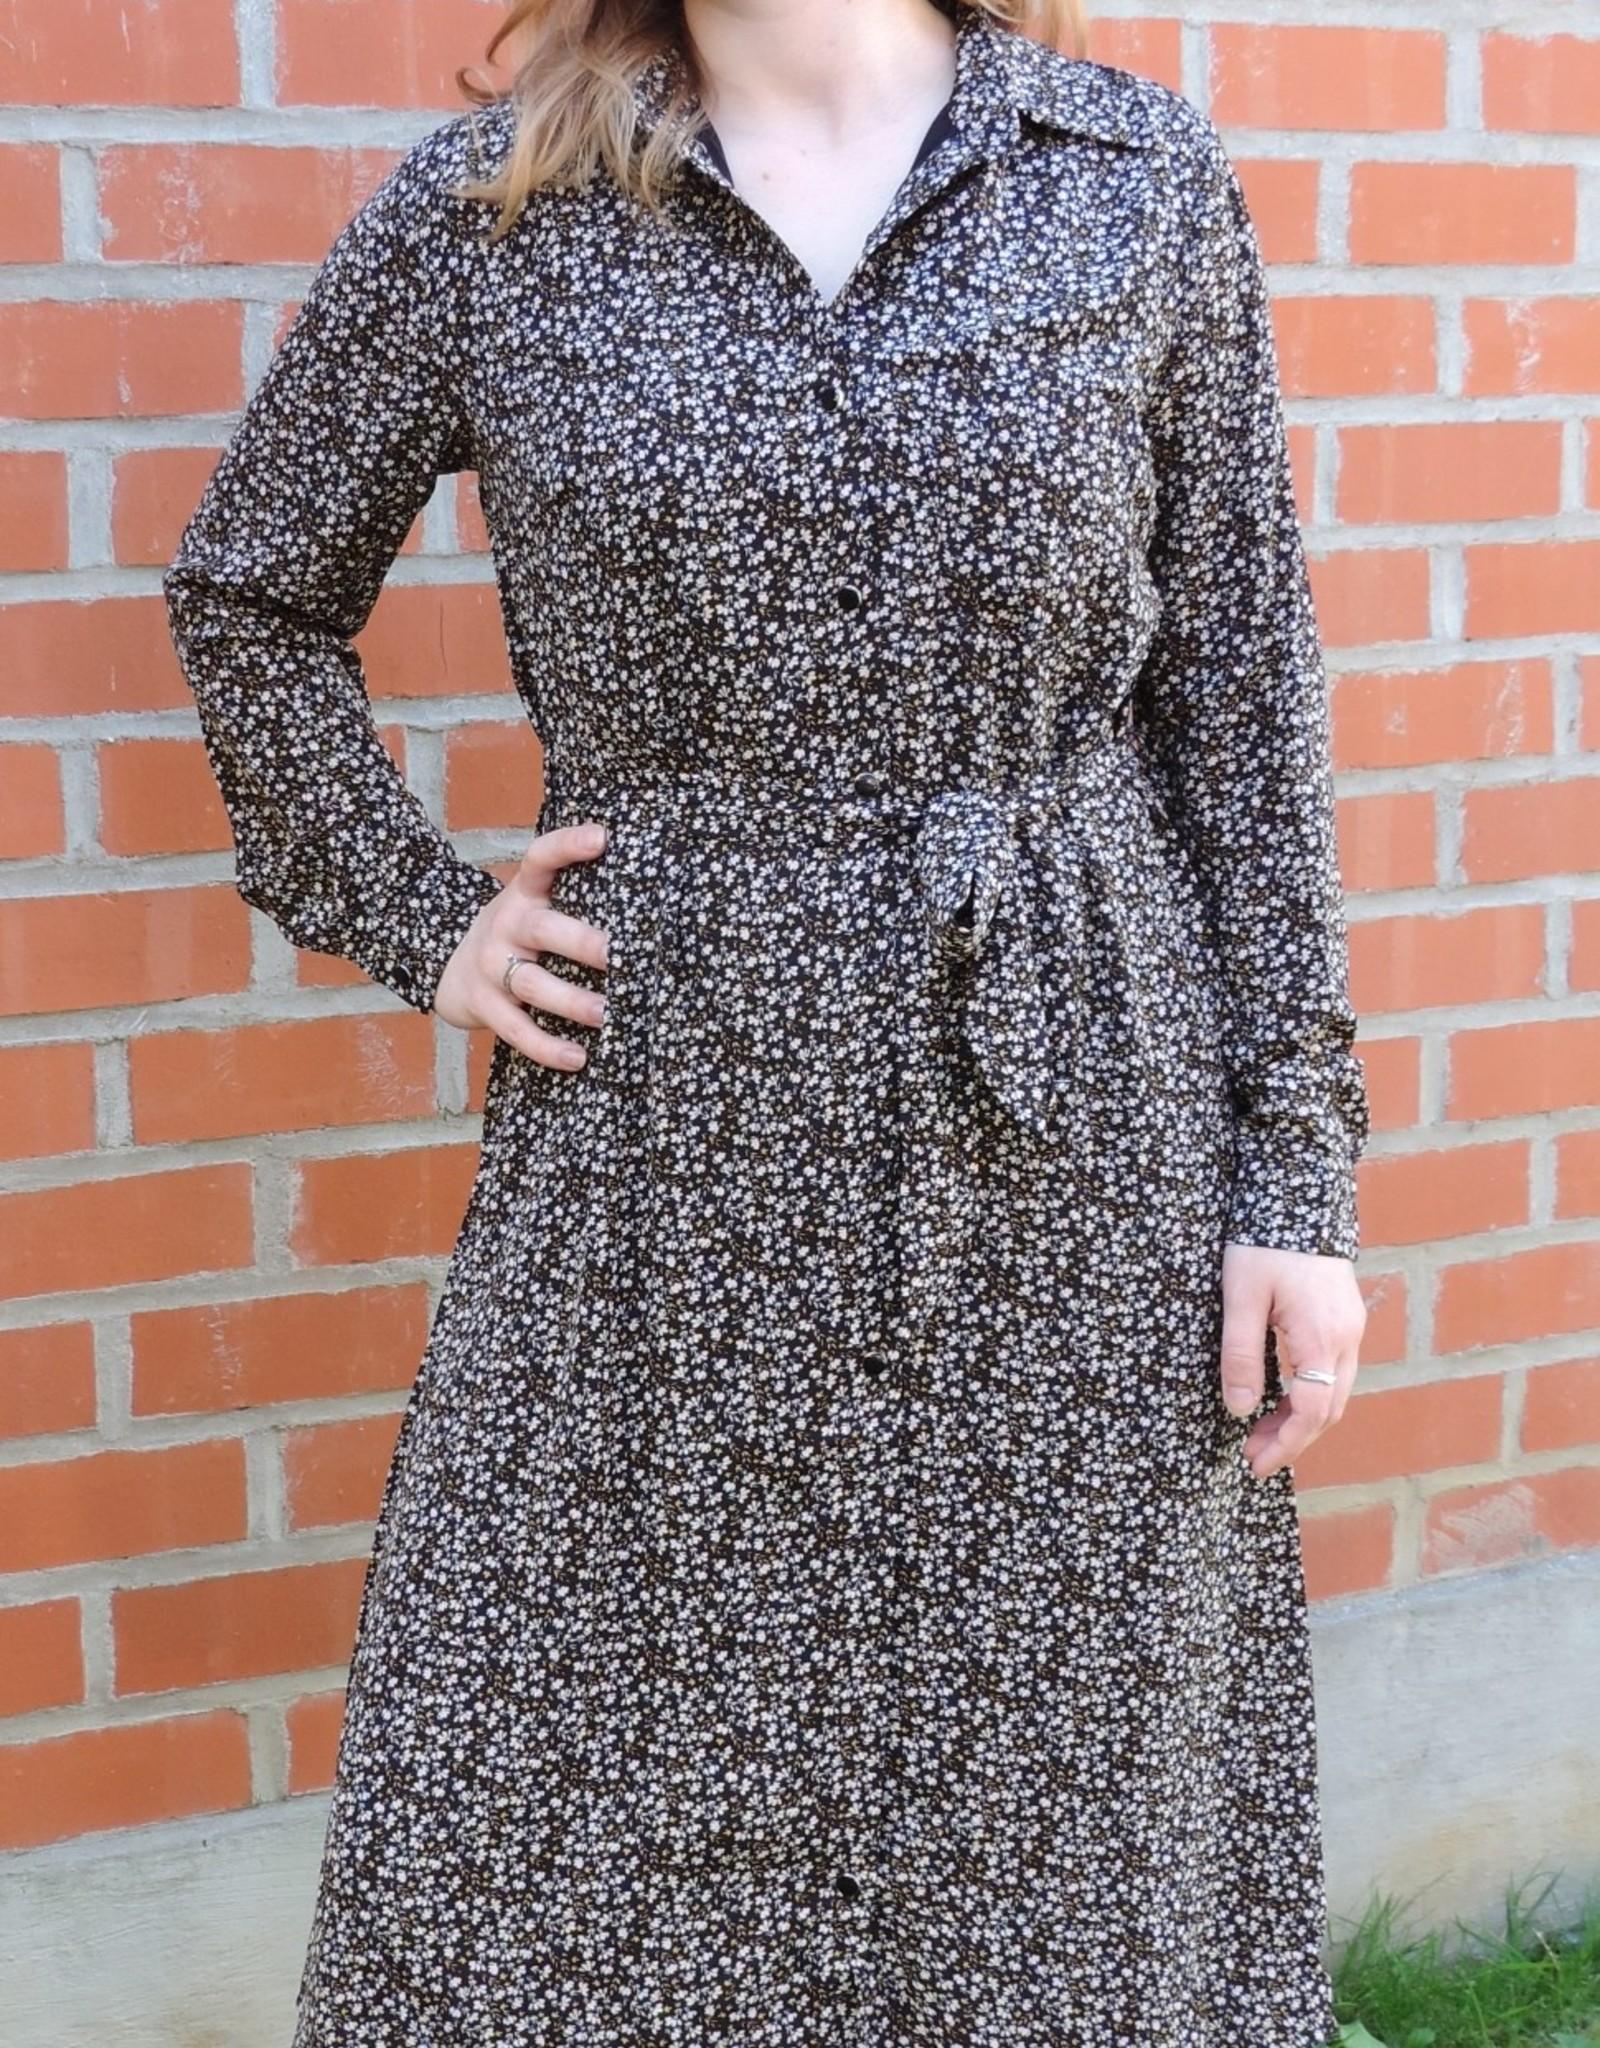 Qualco dress